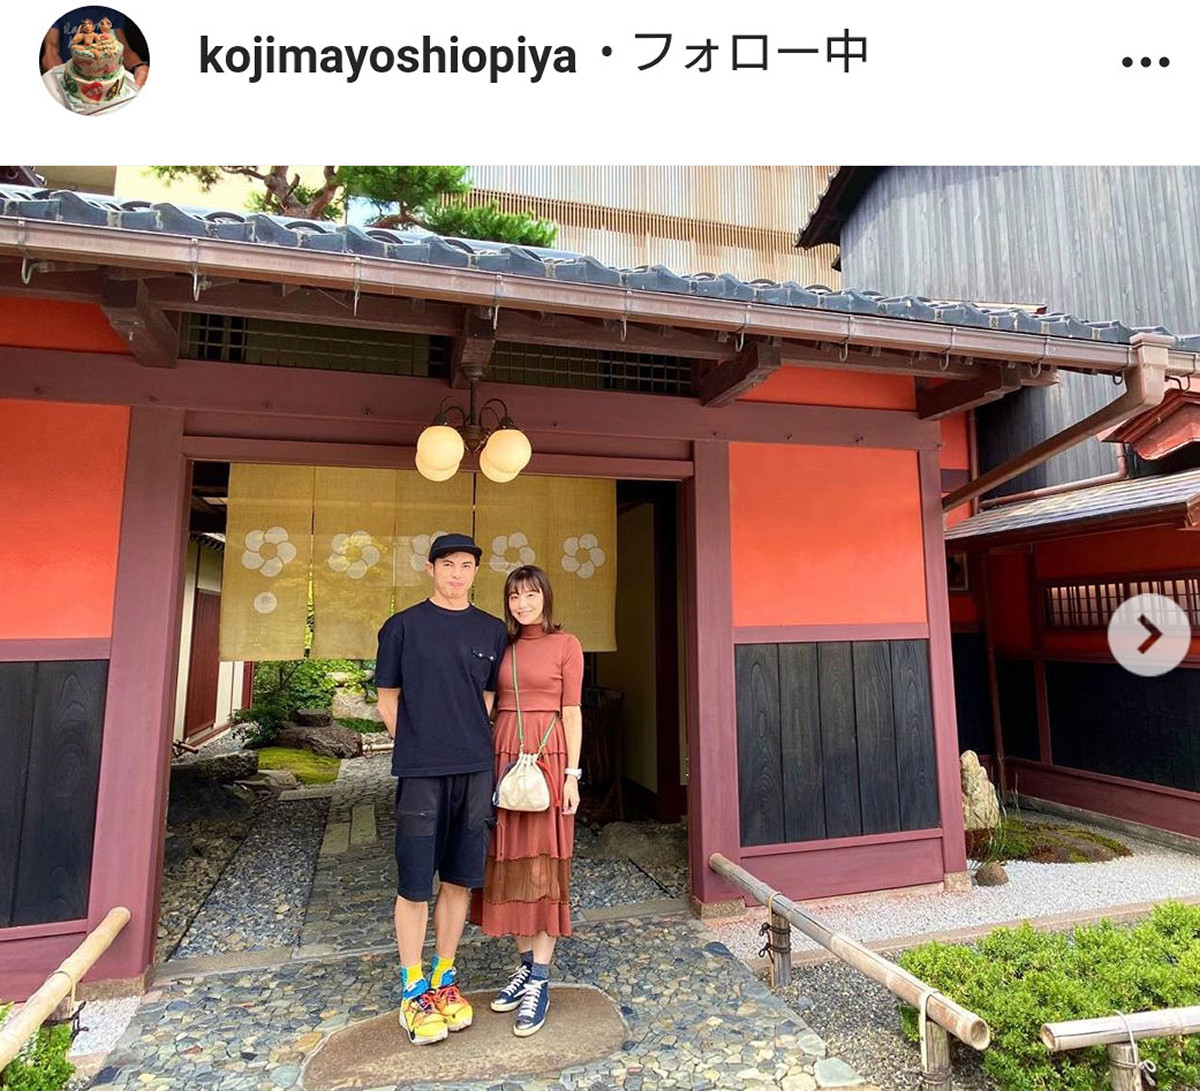 小島よしお、美人妻と温泉旅行の2ショット披露「奥さん可愛い」「素敵なご夫婦」 : スポーツ報知